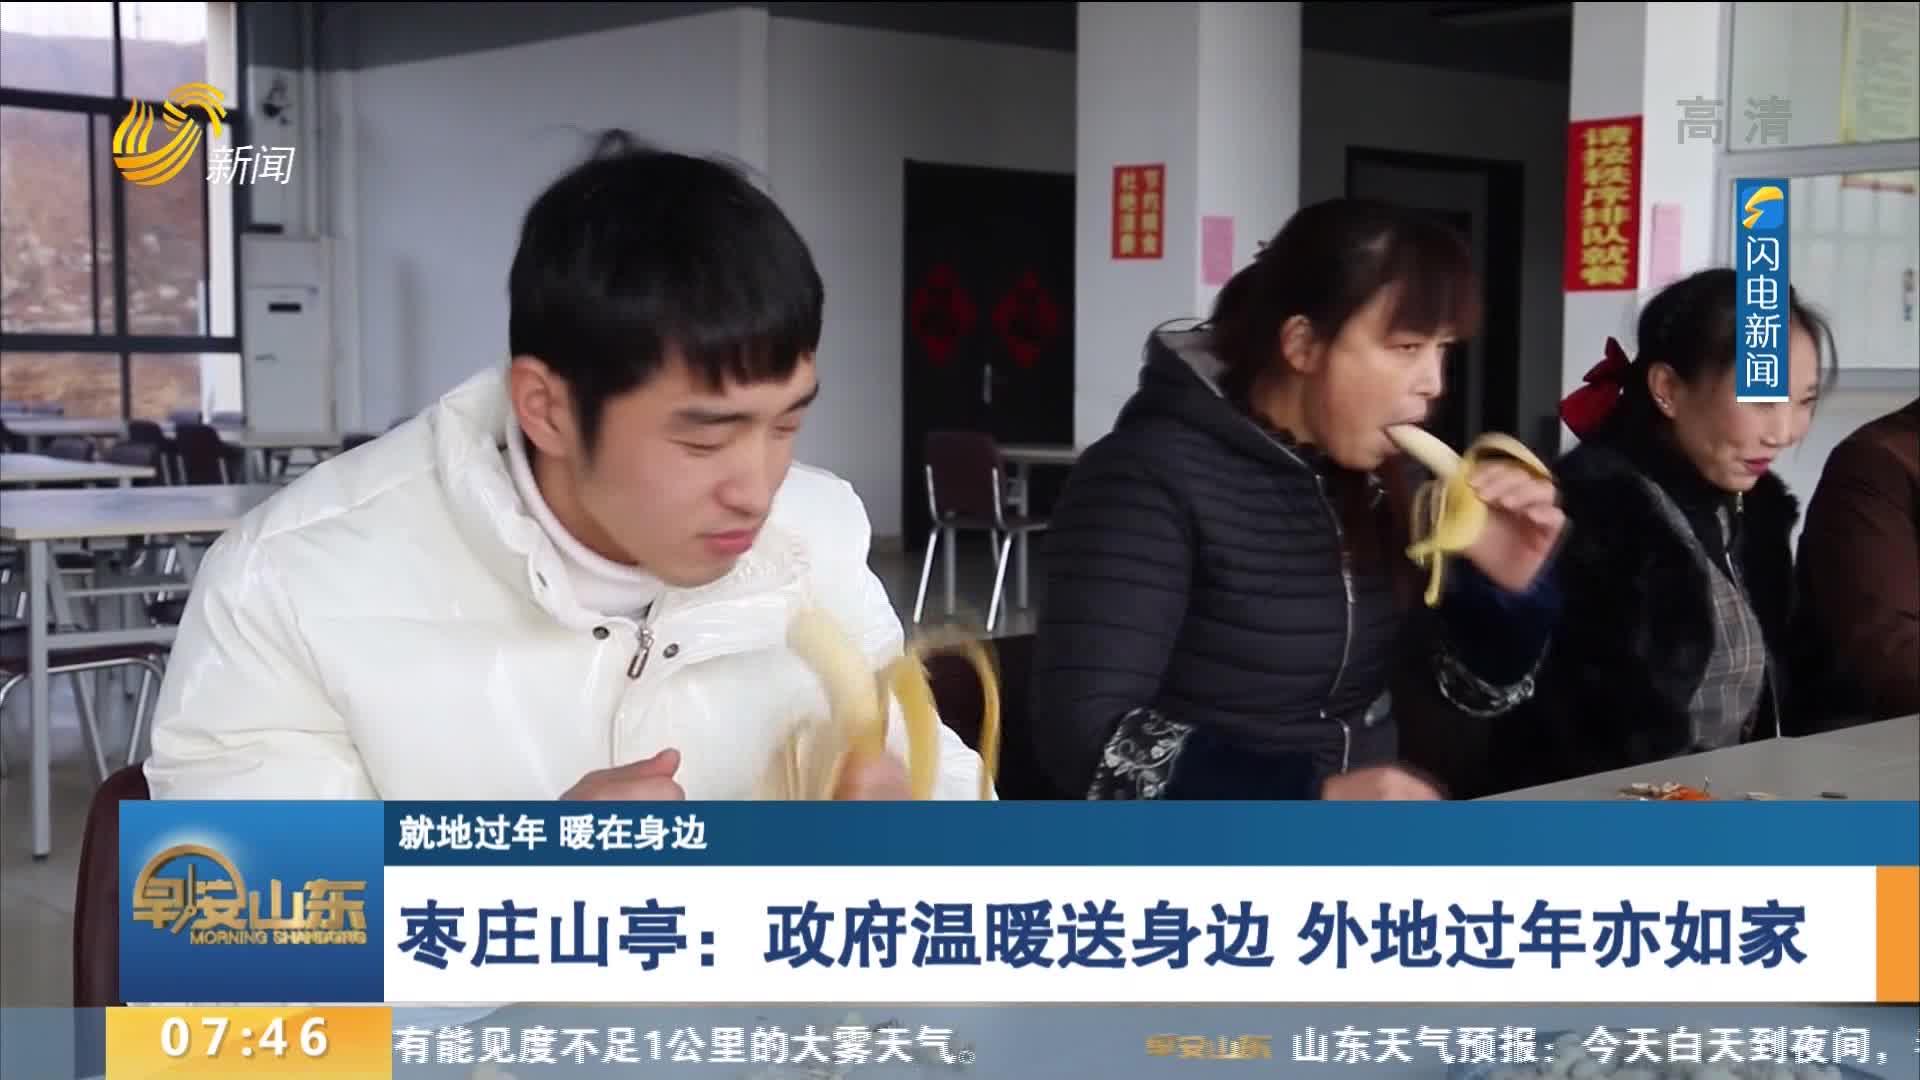 枣庄山亭:政府温暖送身边 外地过年亦如家